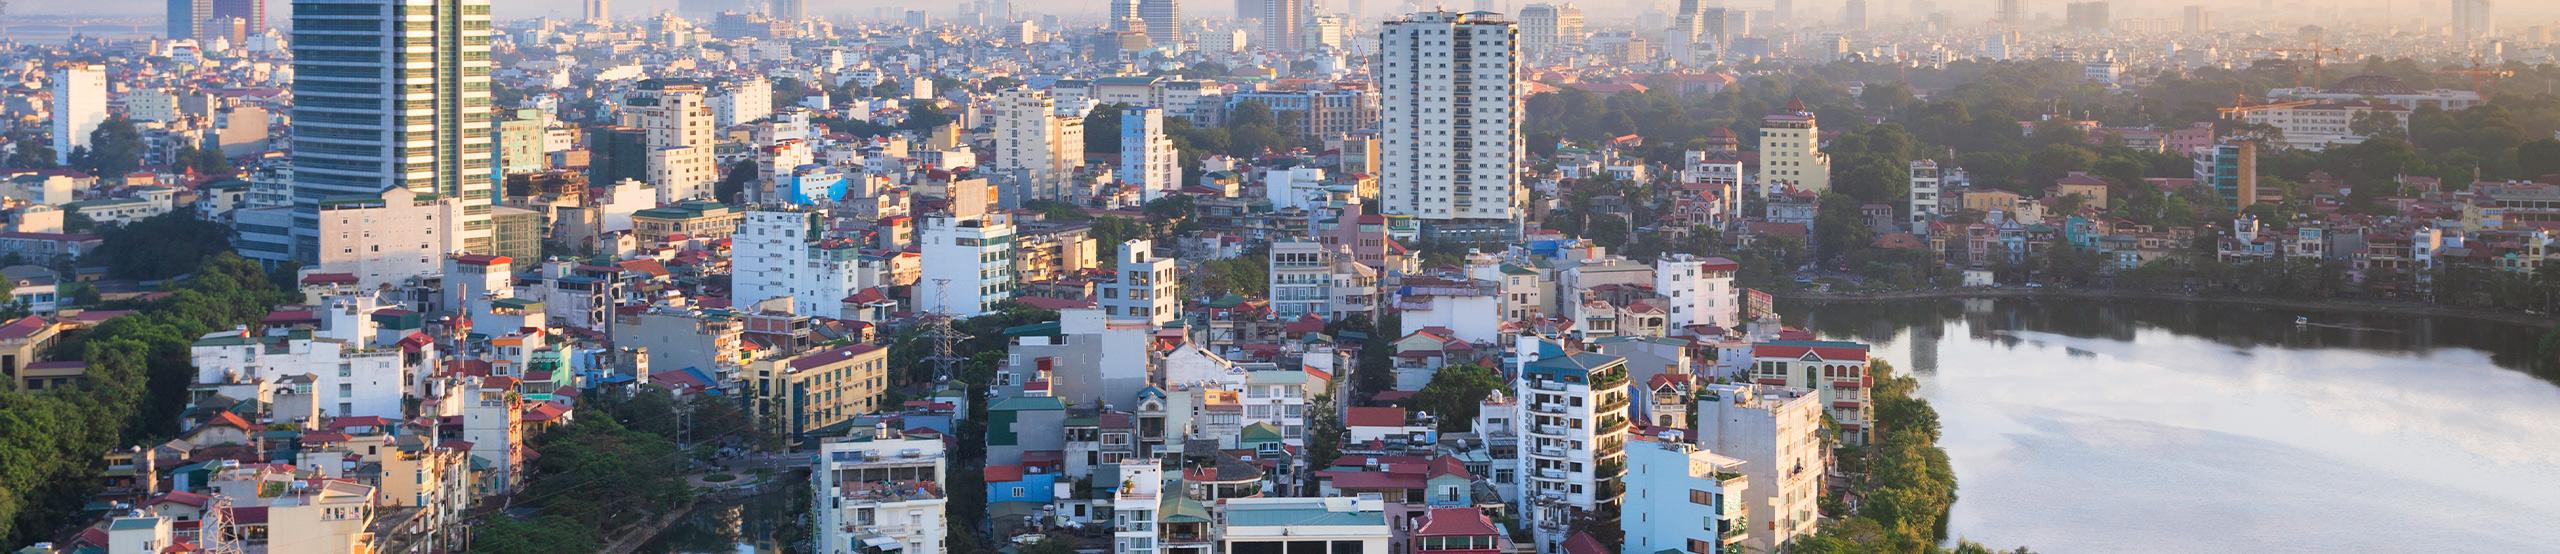 Southeast Asian City | Naples Global Advisors, SEC Registered Investment Advisor